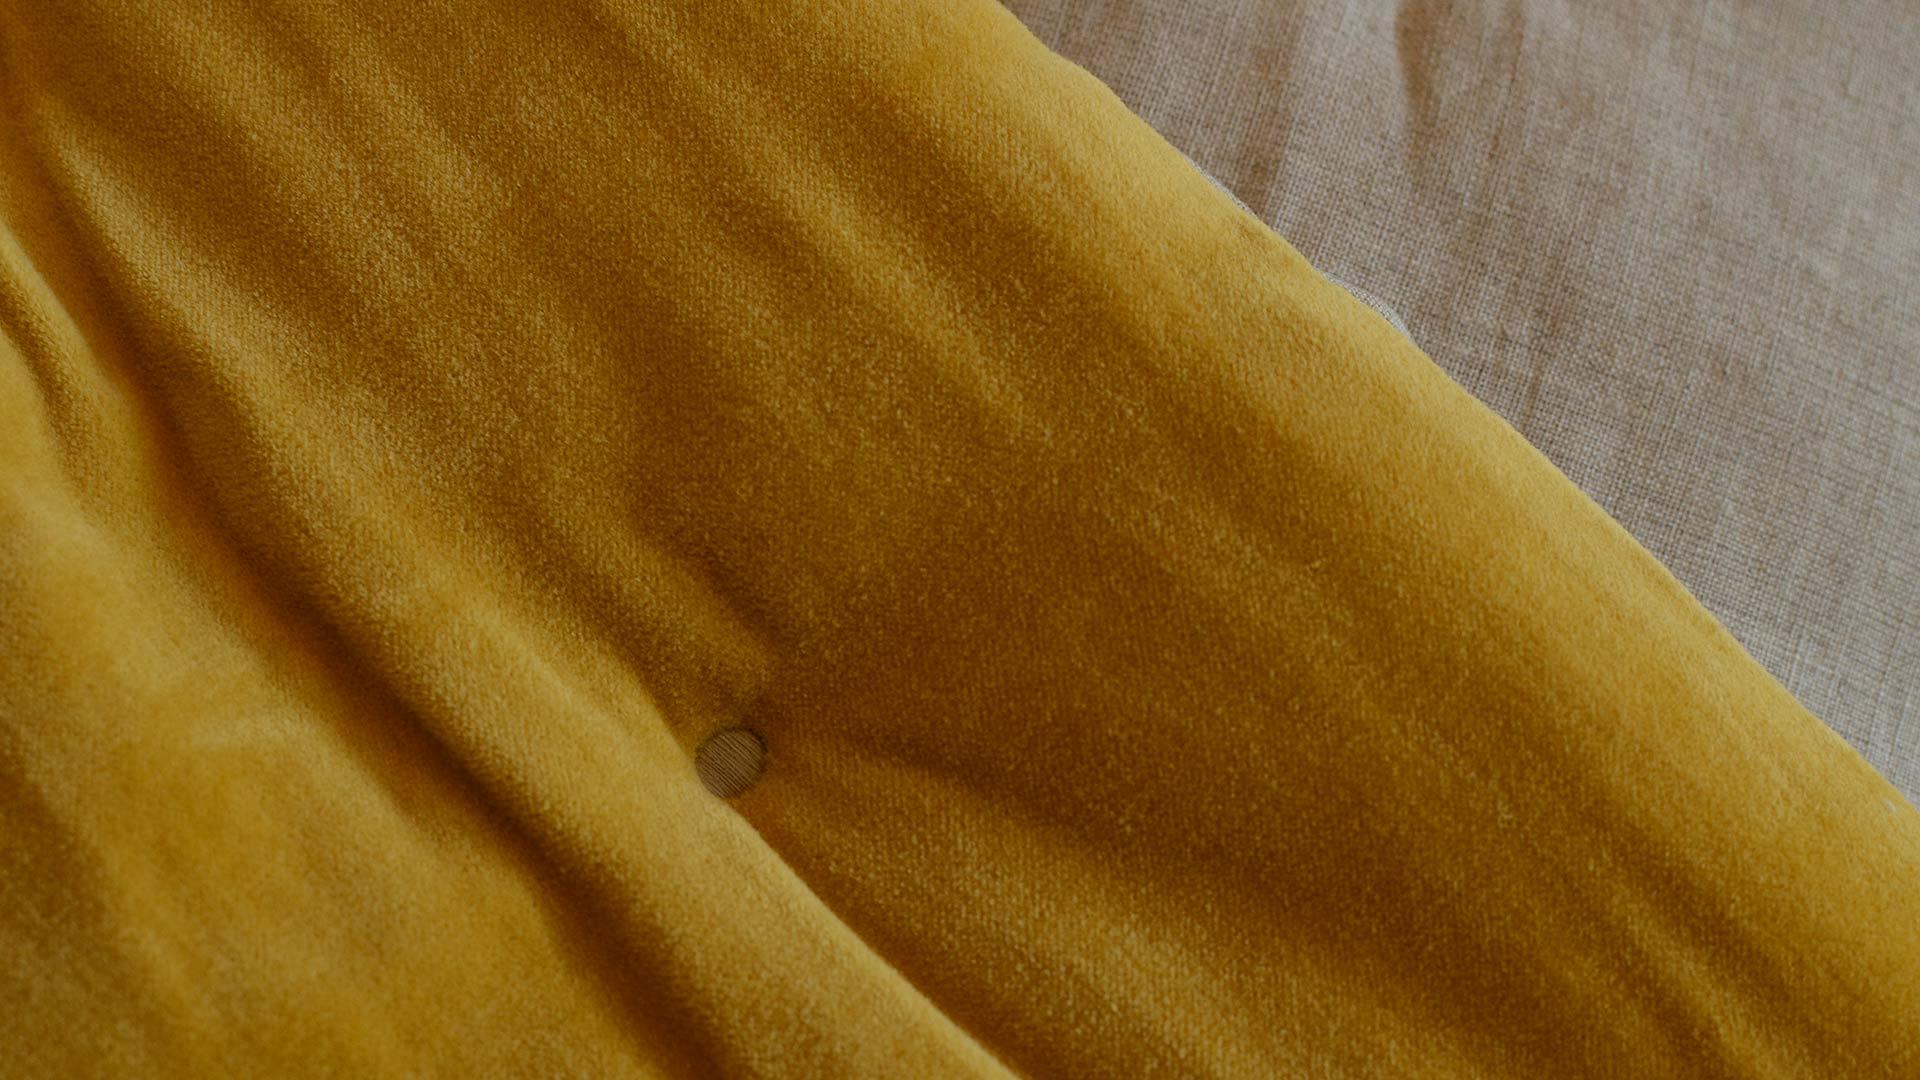 reversible bedspread - velvet and linen - turmeric